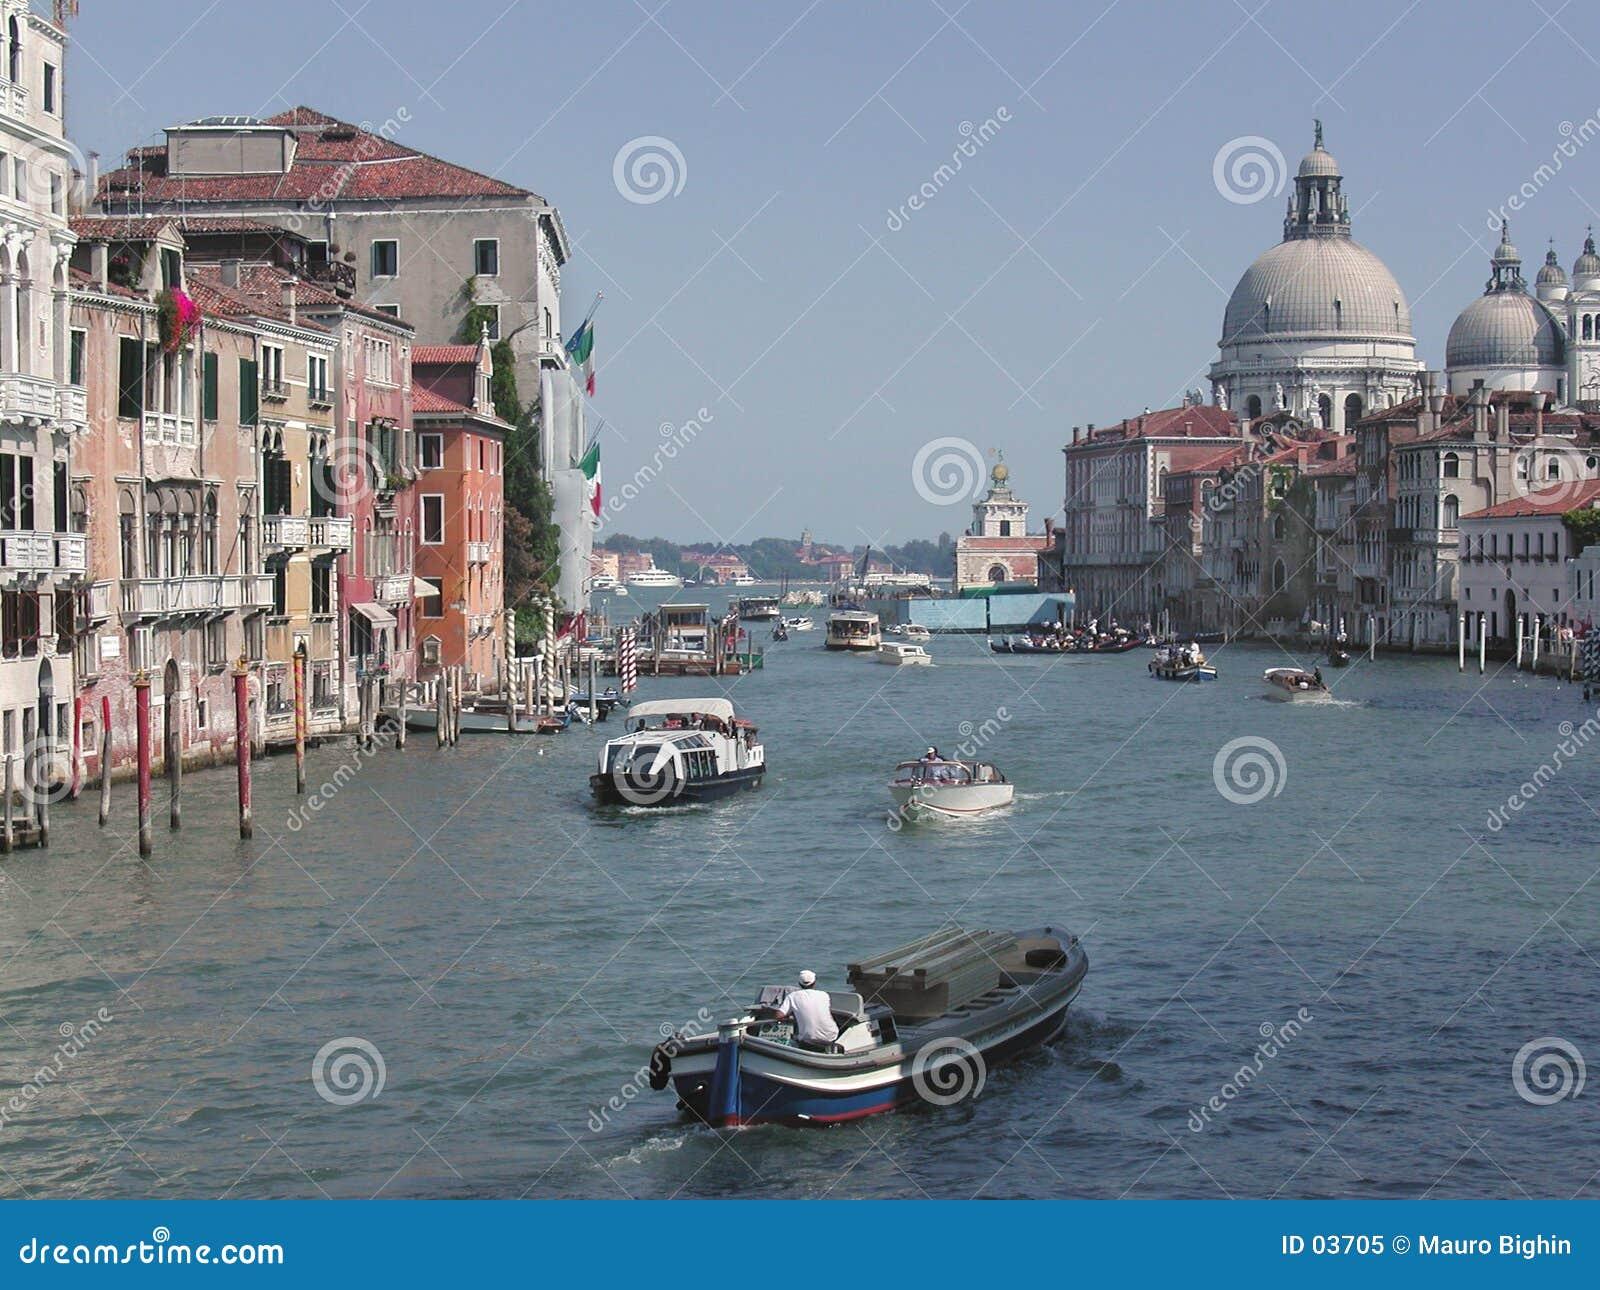 Veneza - Italy - canal grande